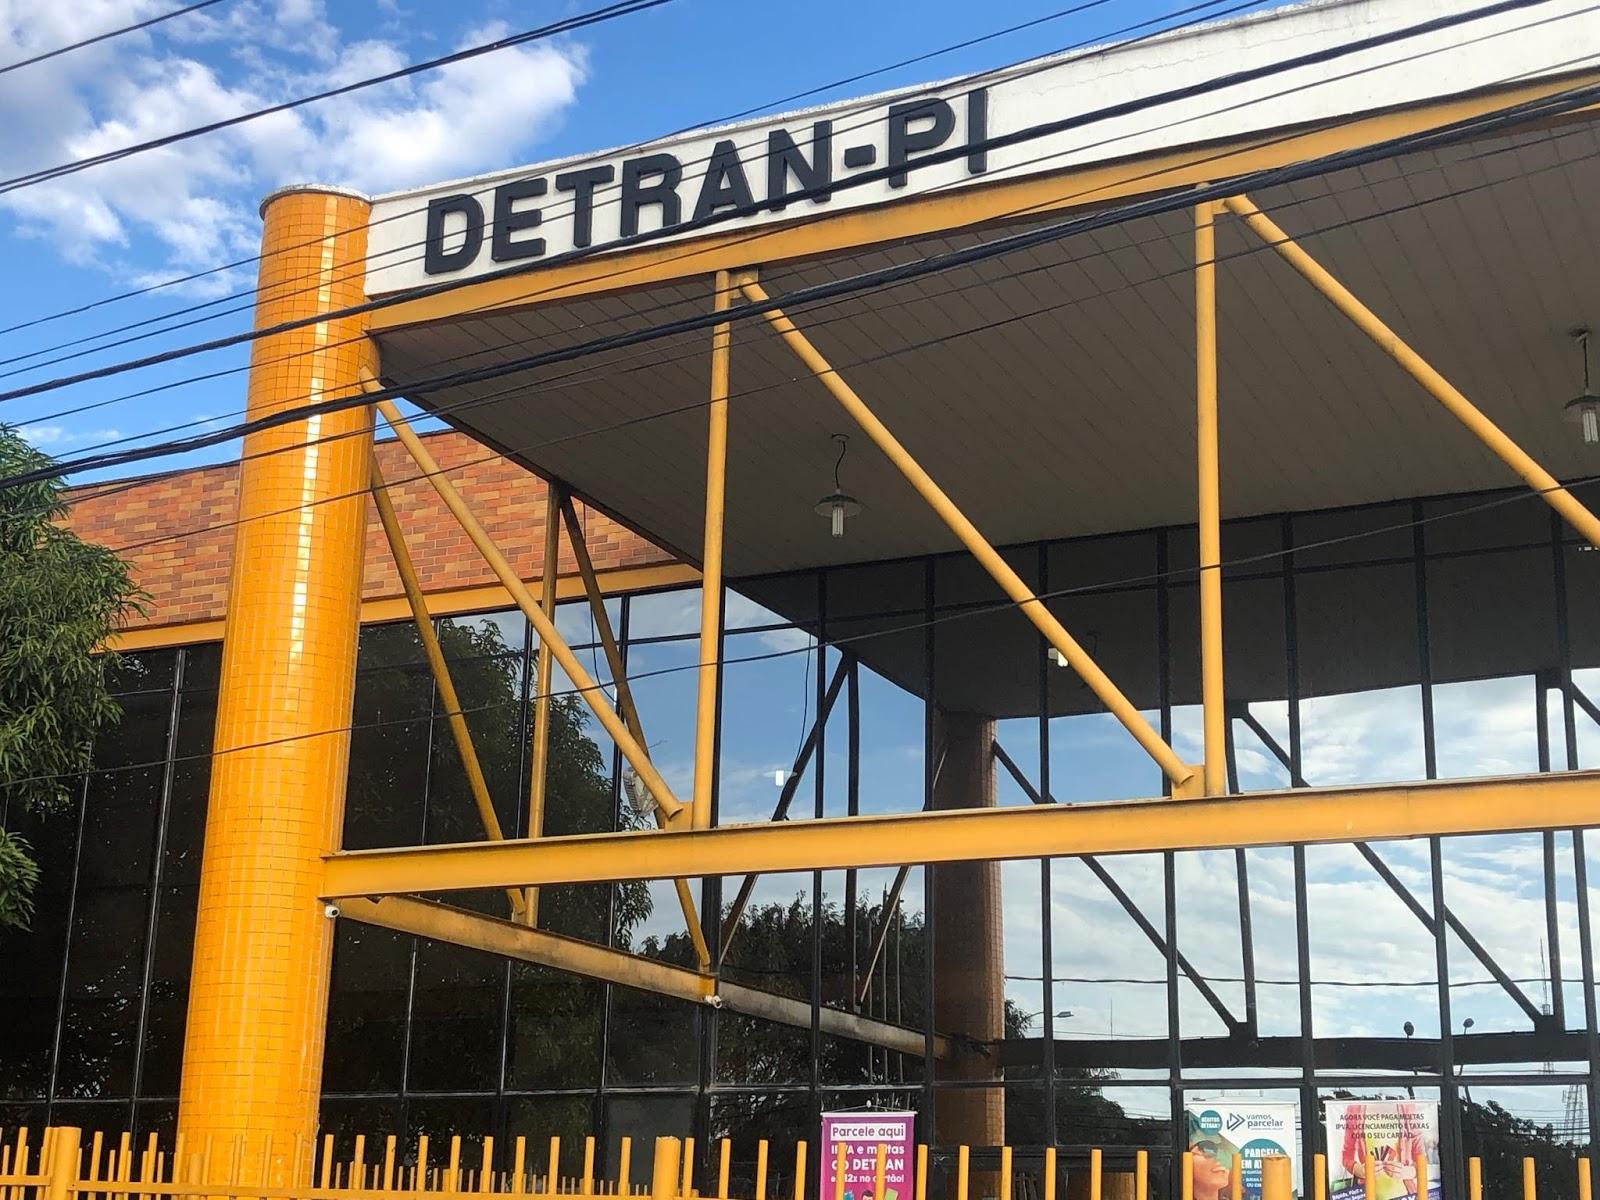 Governo proíbe credenciamento de donos de sucatas que sejam parentes até 3° graus de servidores do Detran -Foto: Facebook